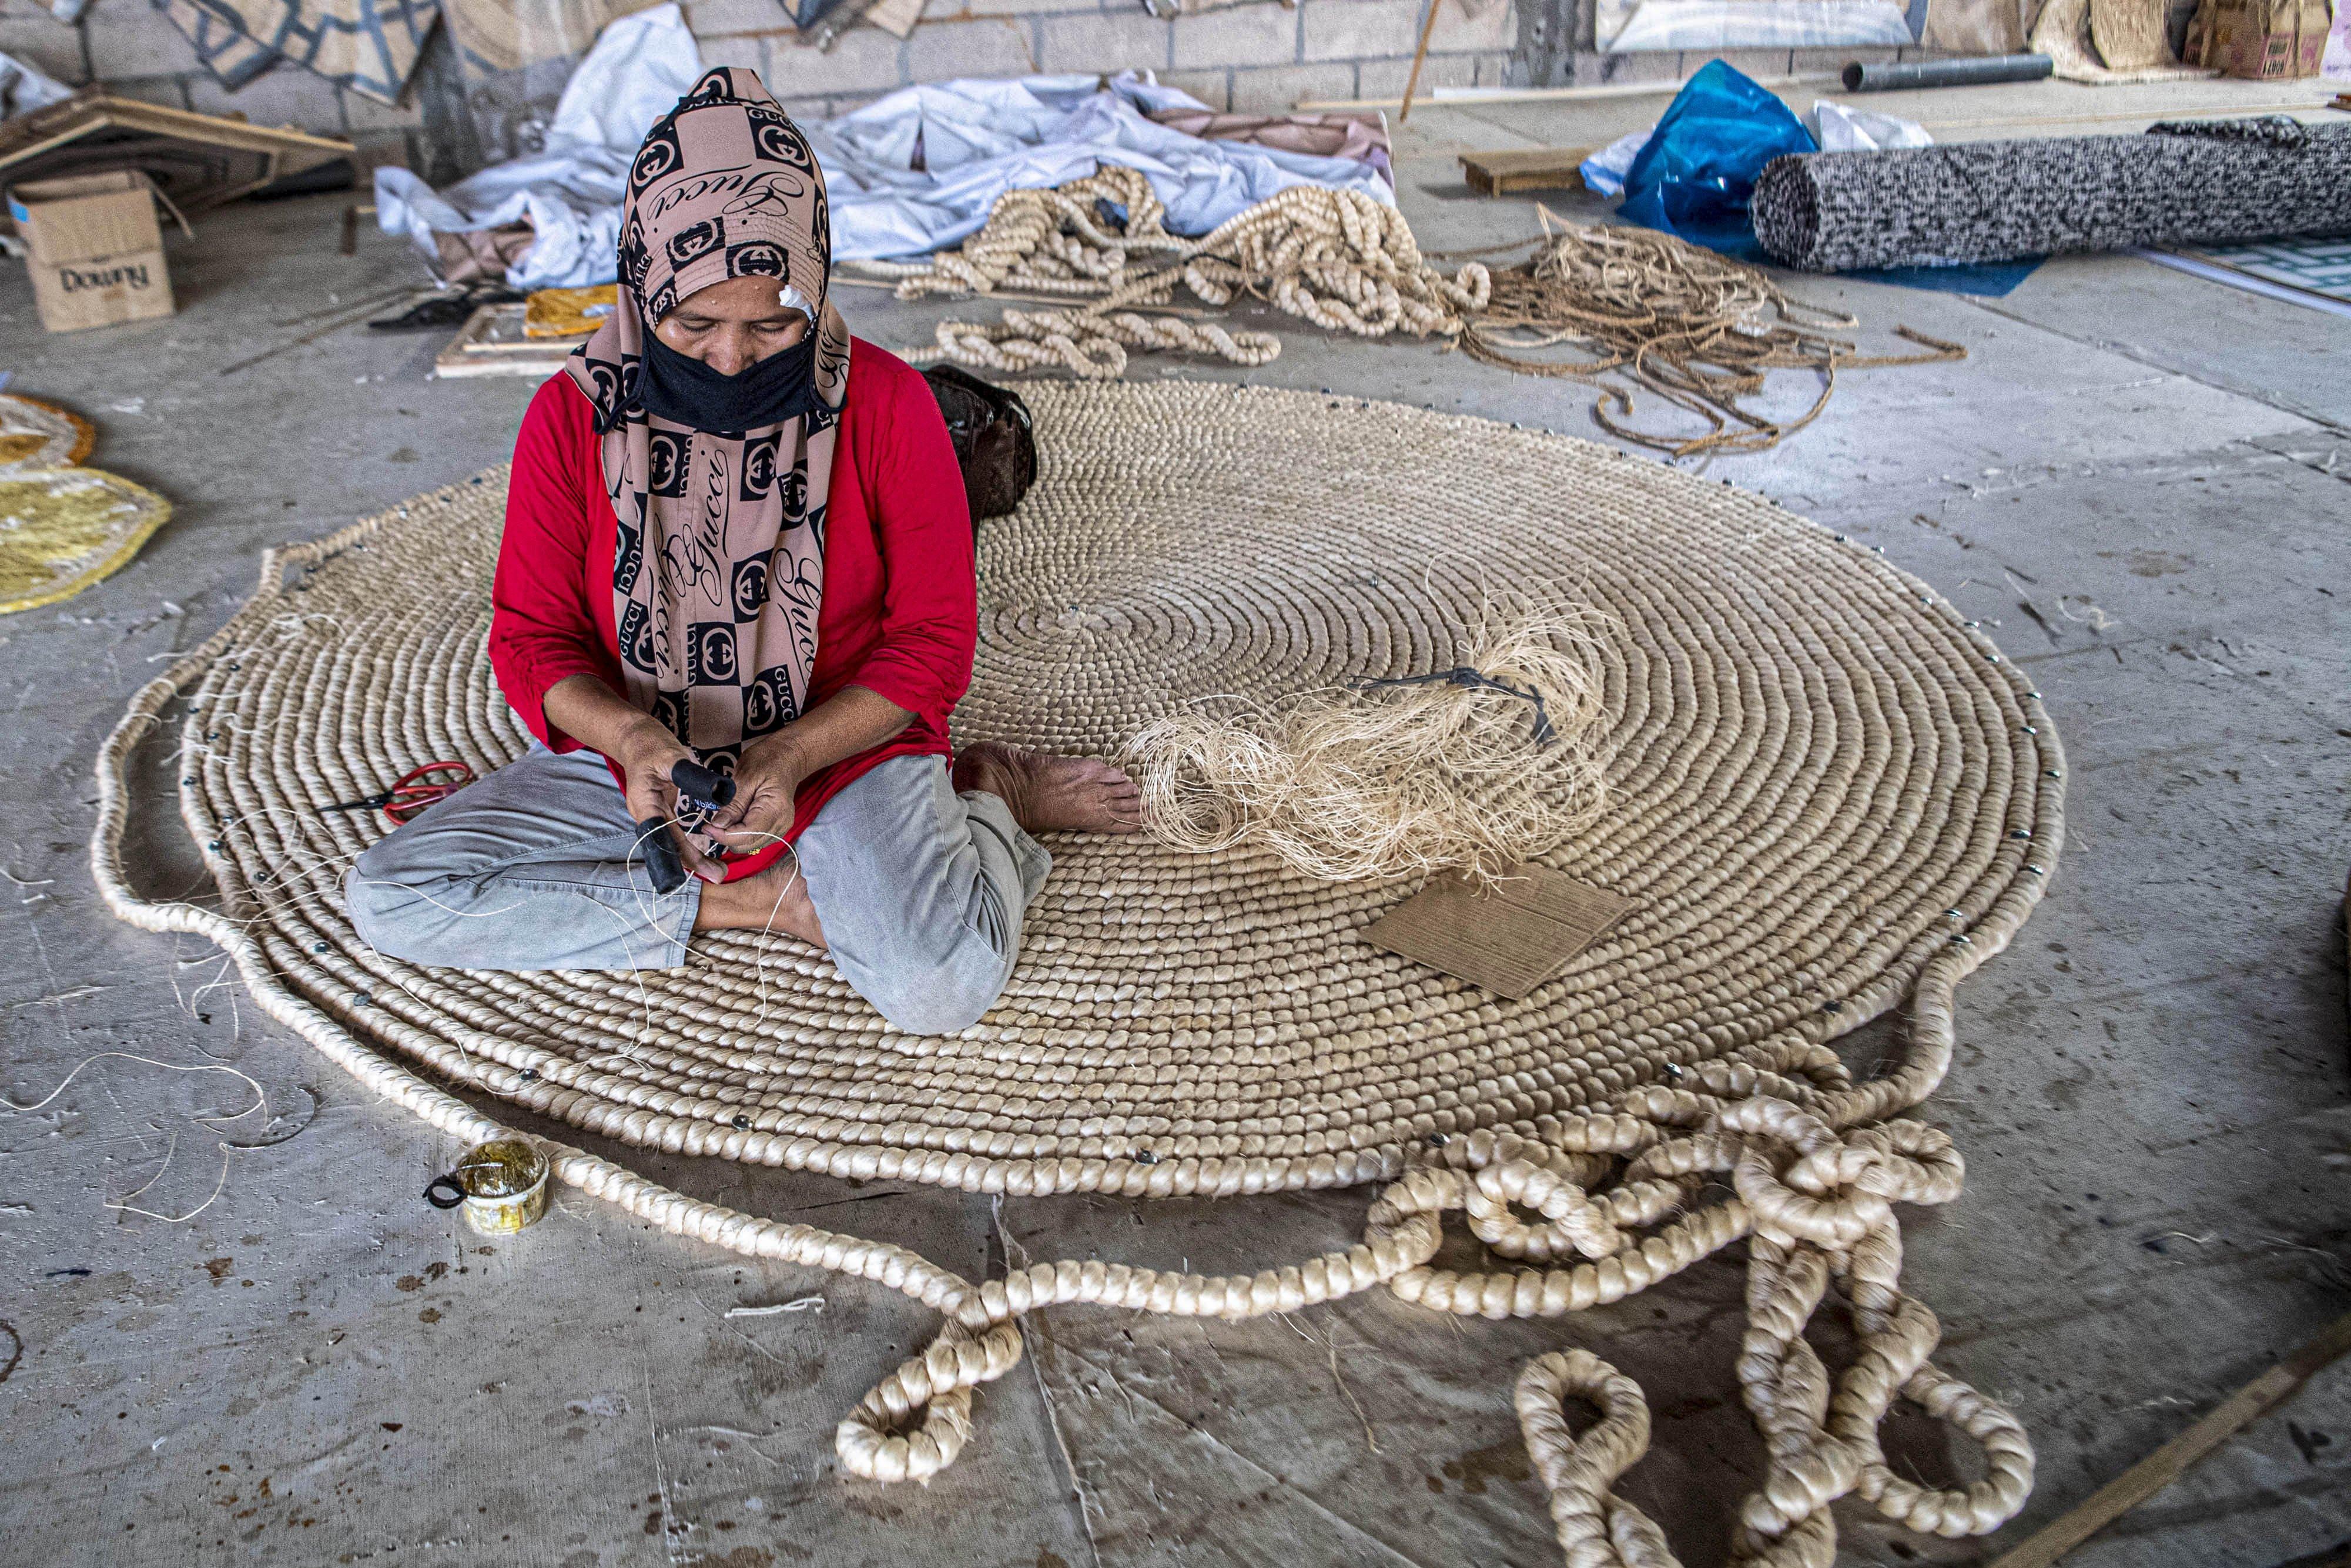 Pekerja menganyam karpet yang terbuat dari serat pohon pisang (abaca fiber) di bengkel anyam Djunaedi.\r\n